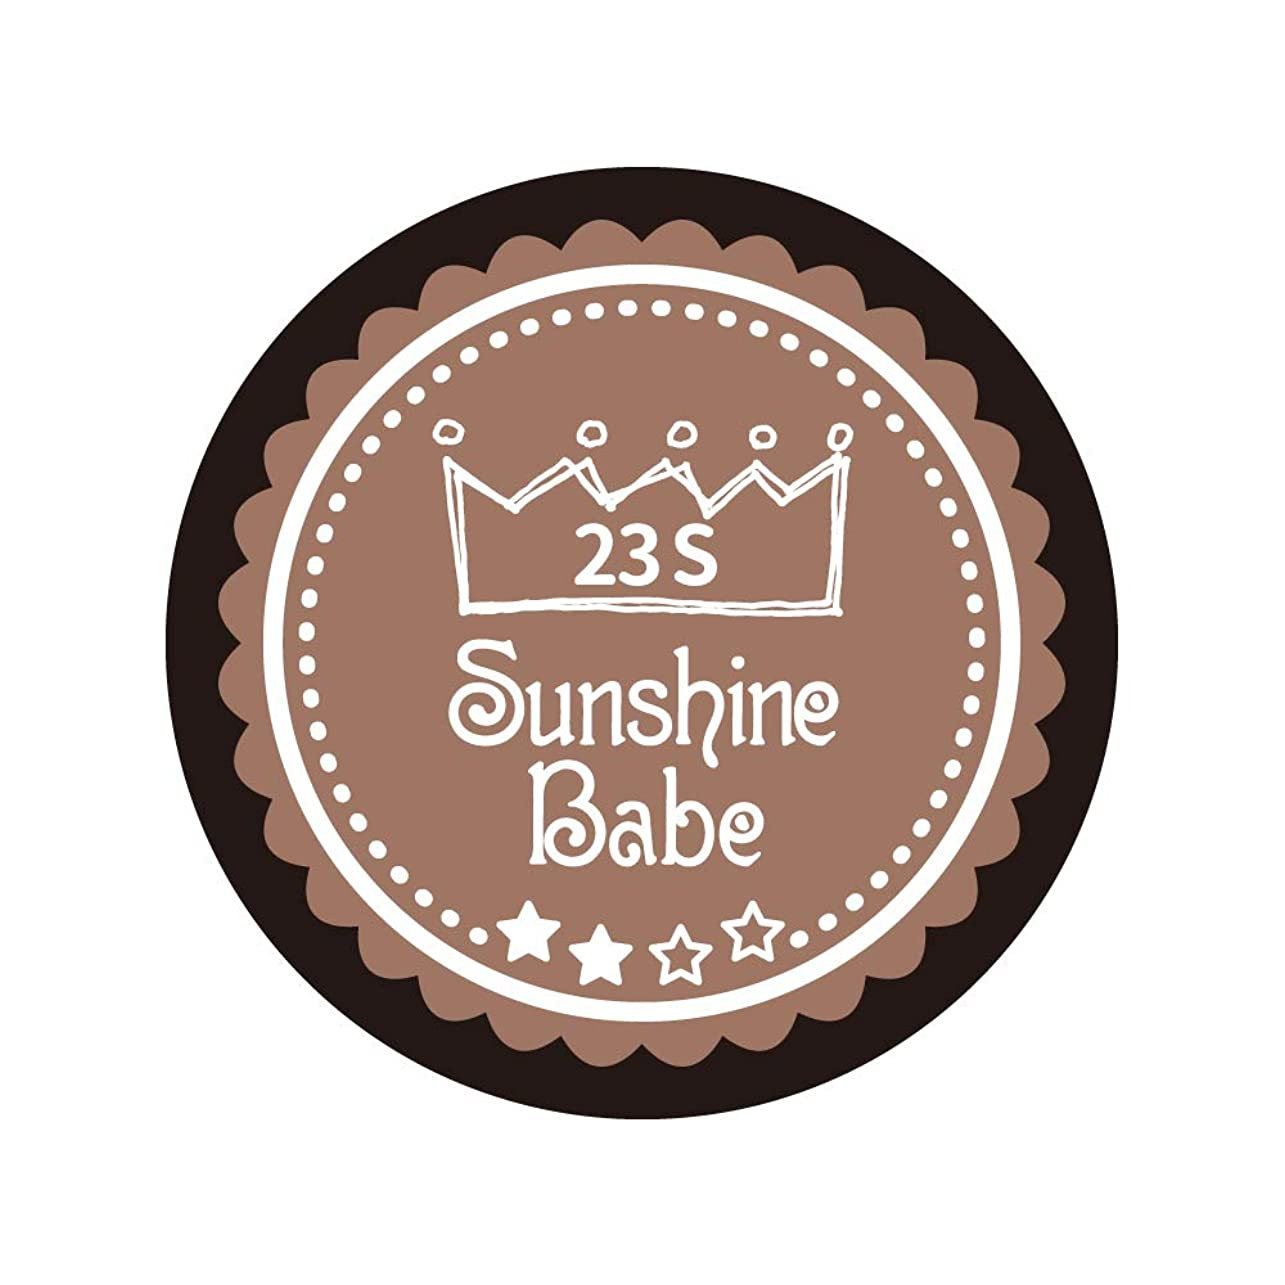 時計覆す省略Sunshine Babe コスメティックカラー 23S パティキュリエール 4g UV/LED対応